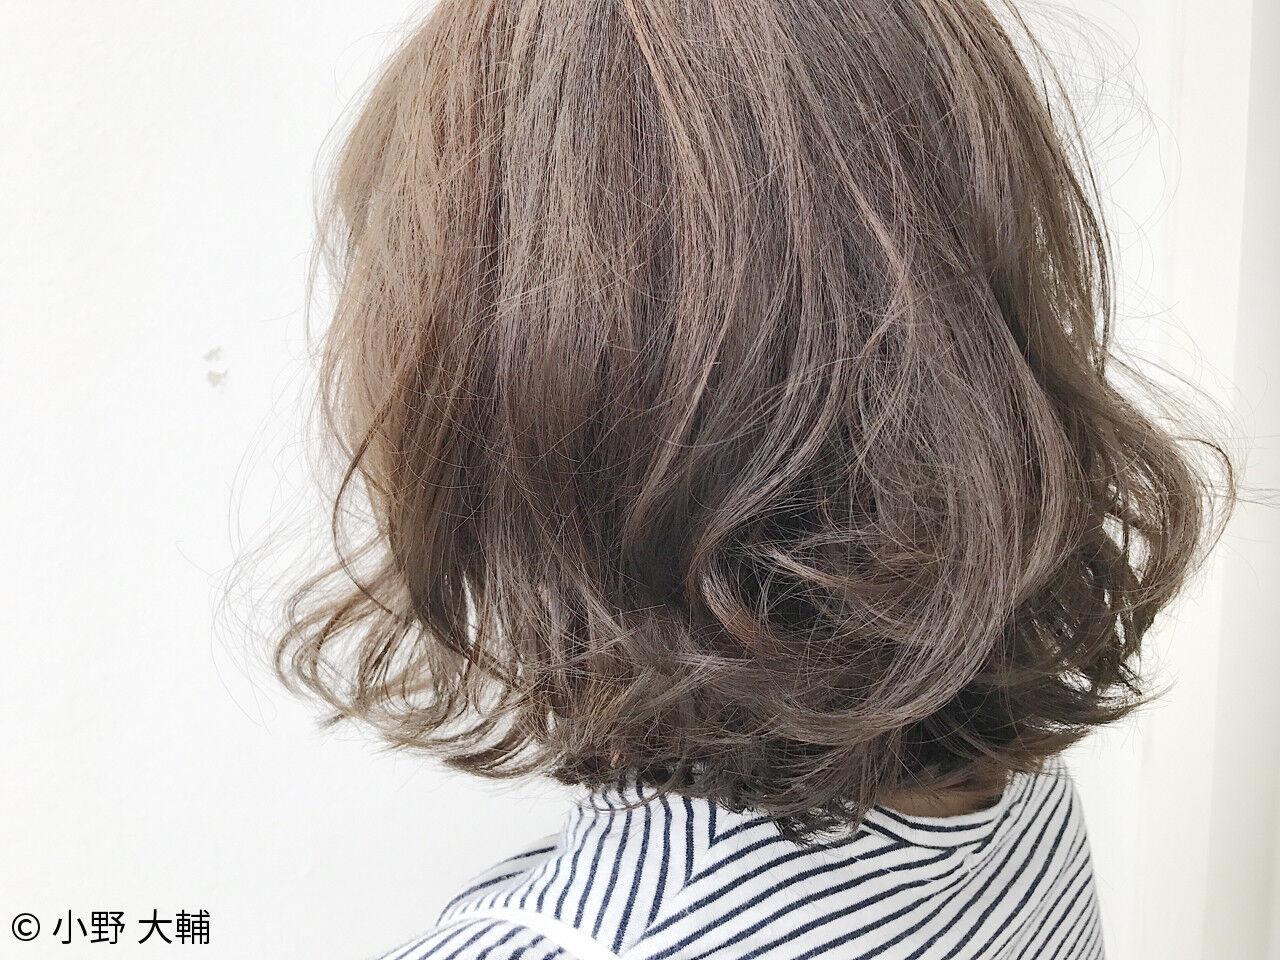 ナチュラル ボブ 秋 アッシュグレージュヘアスタイルや髪型の写真・画像